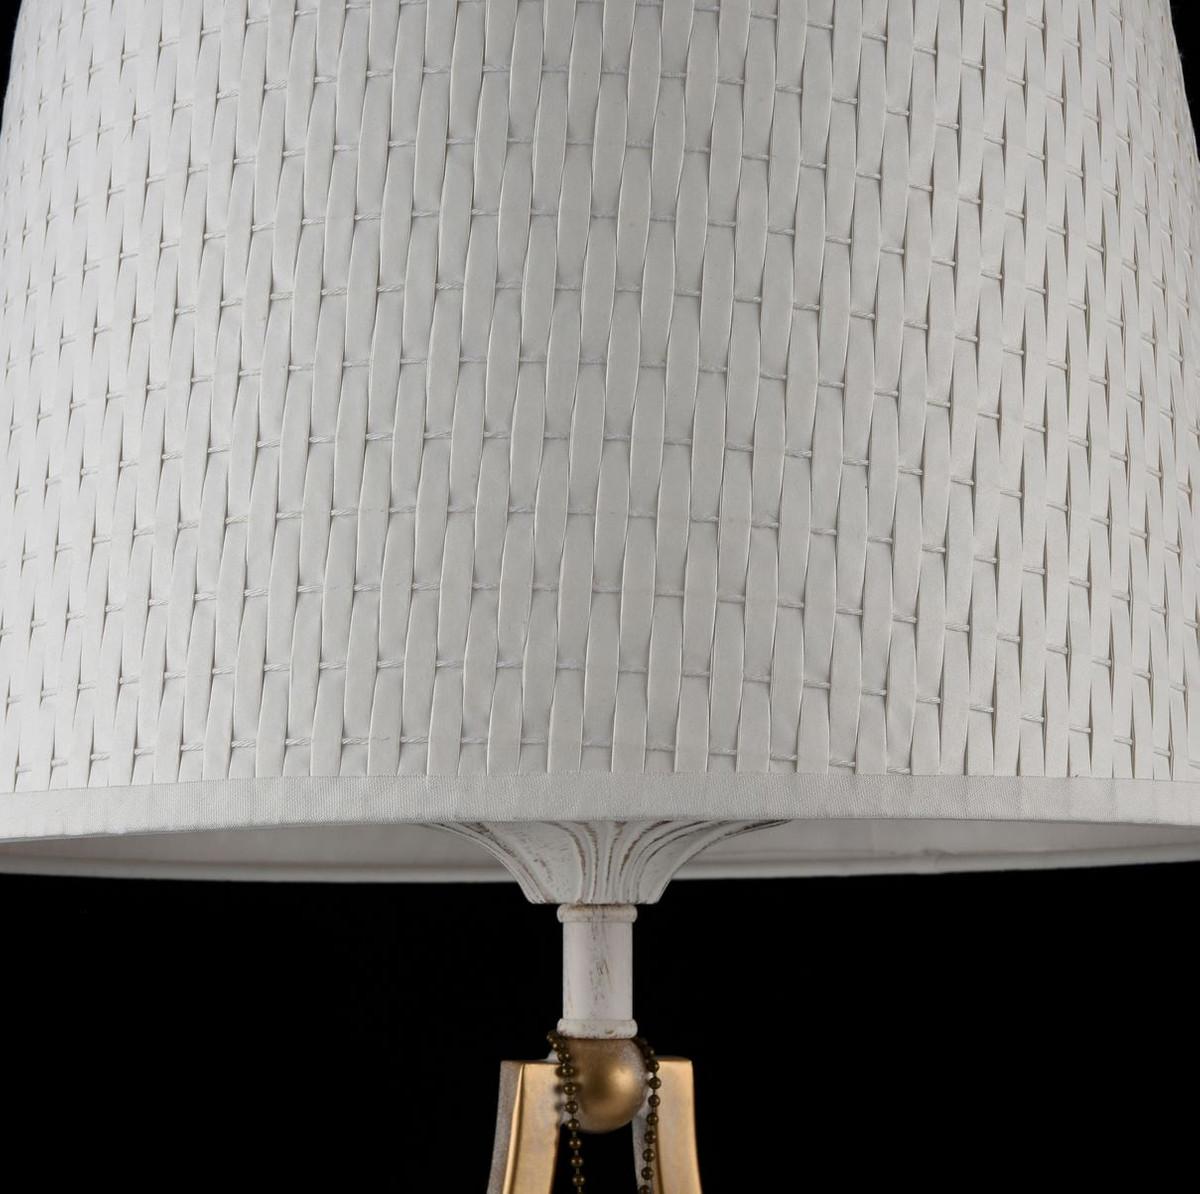 Casa Padrino Barock Tischleuchte Weiß / Gold Ø 27 x H. 49 cm - Barockstil Tischlampe 5